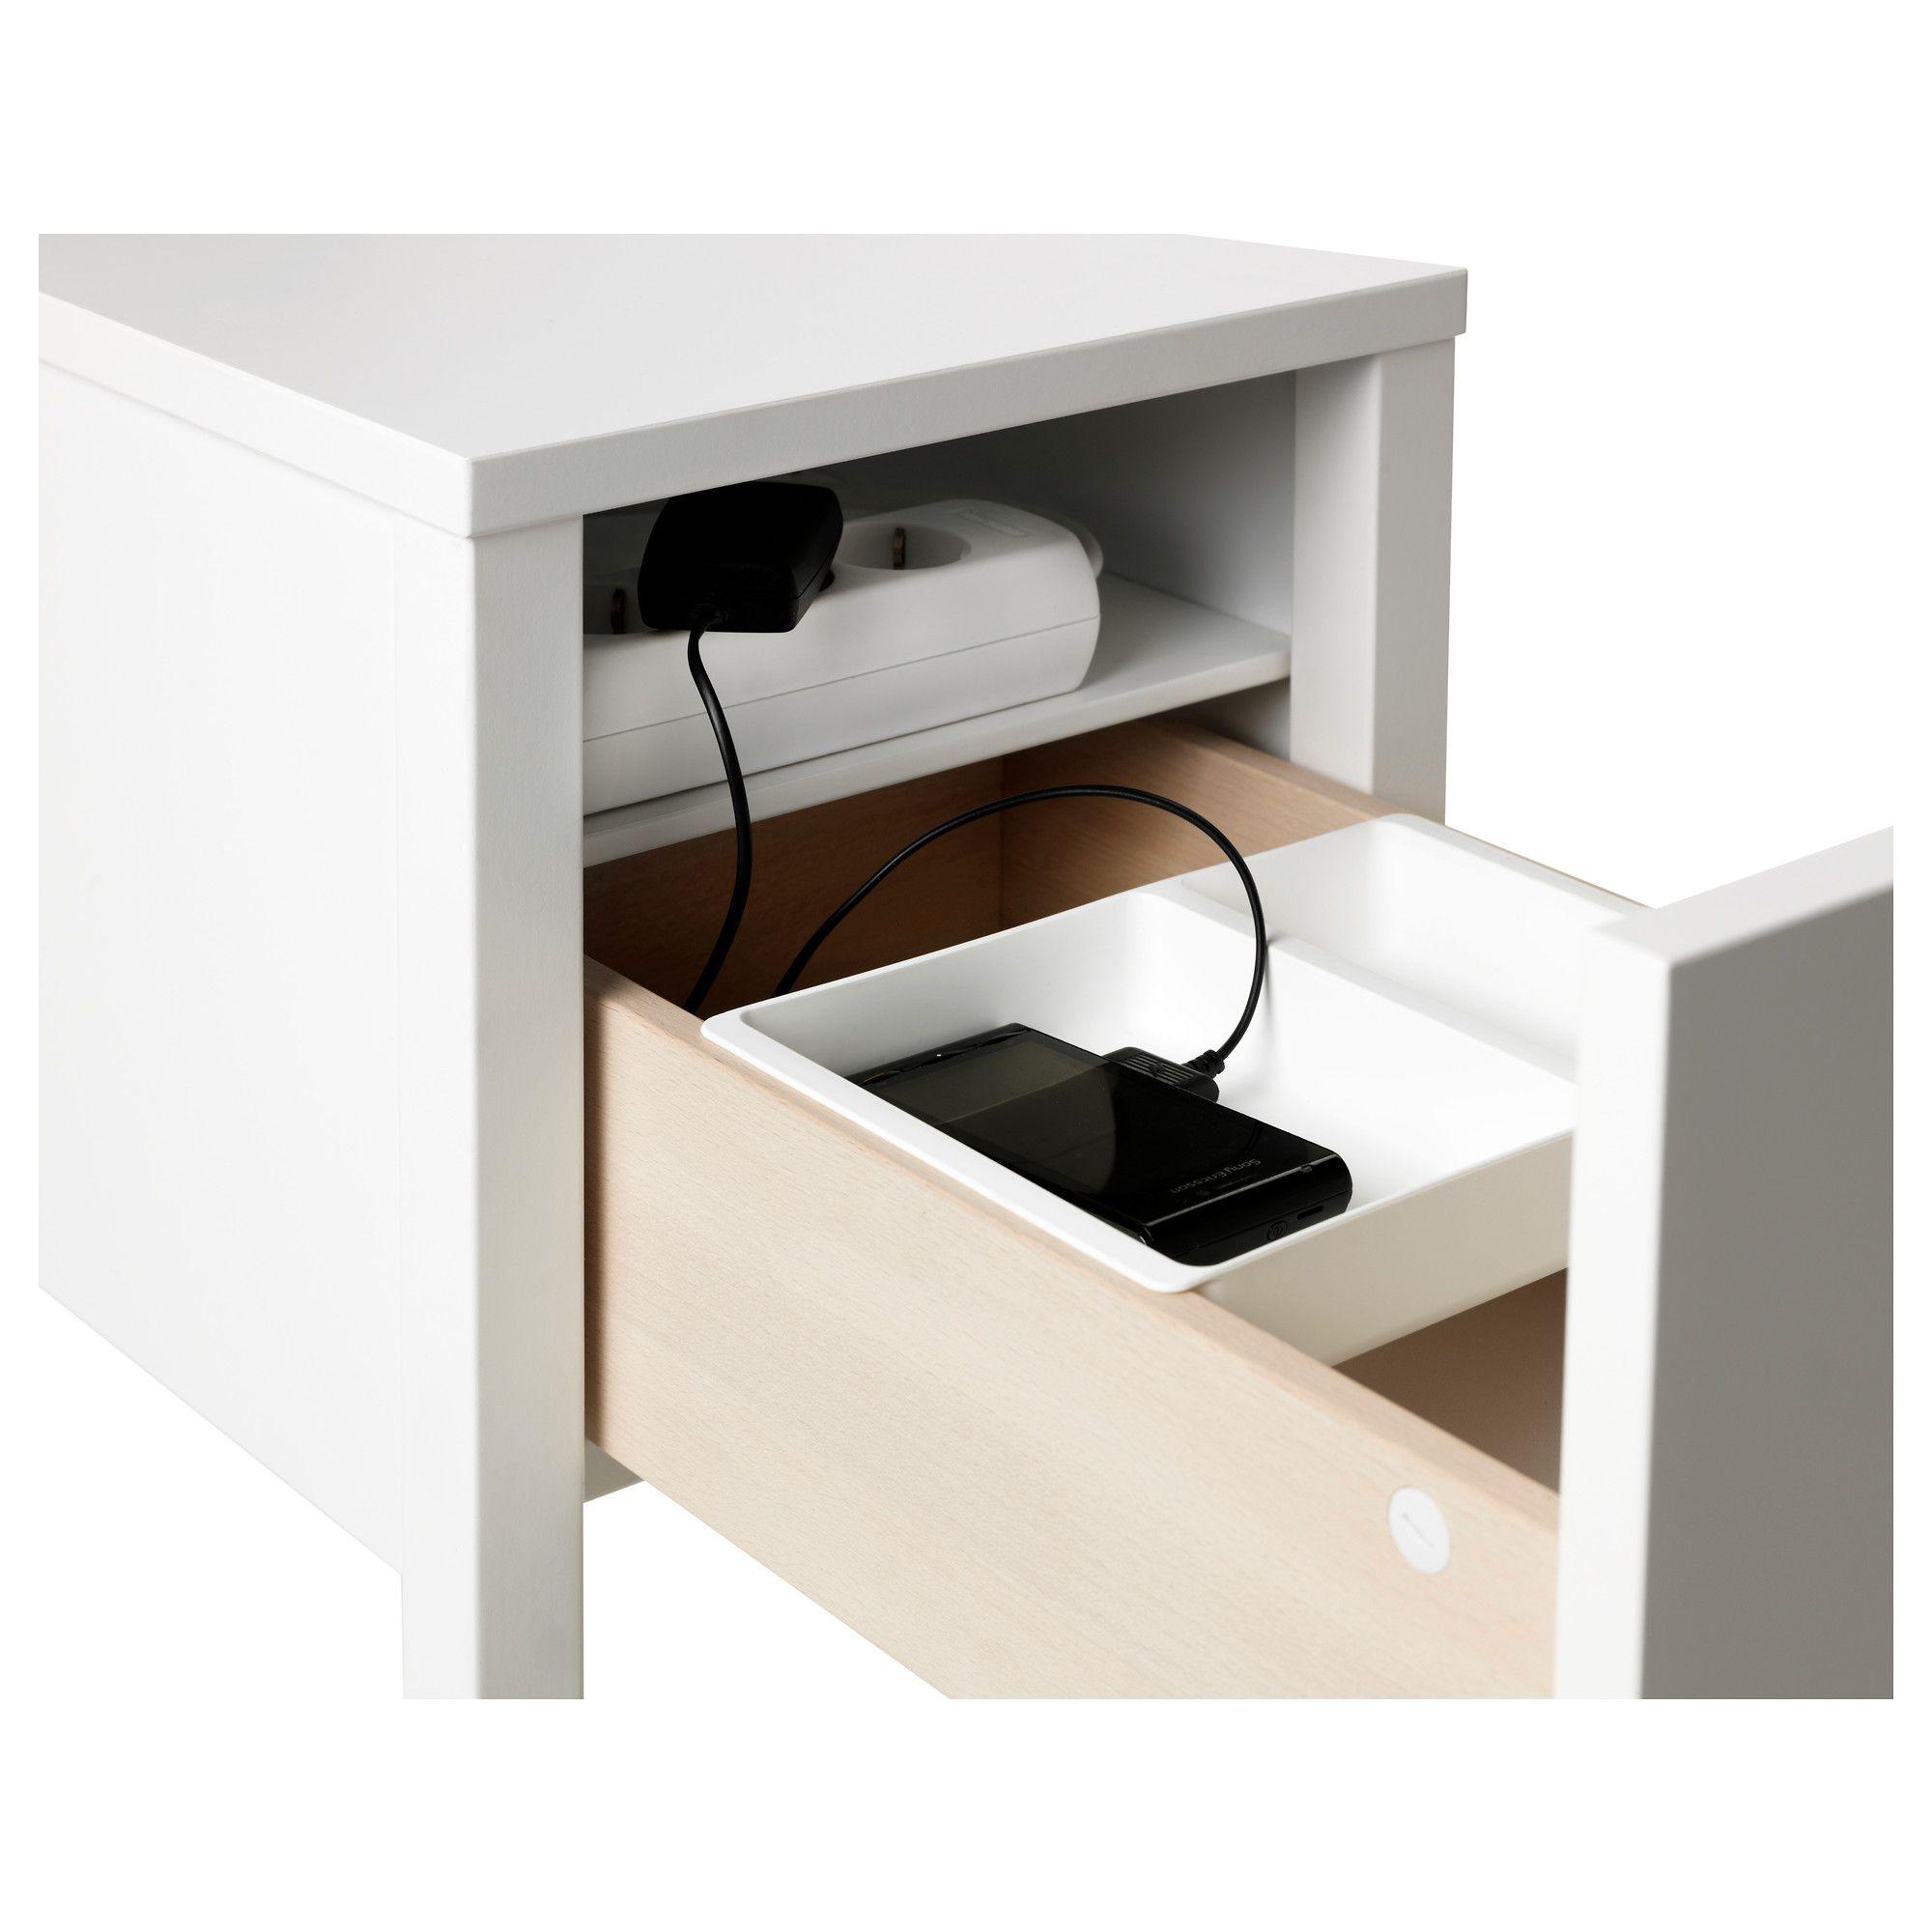 IKEA NORDLI Nightstand white Bedside table ikea, Ikea